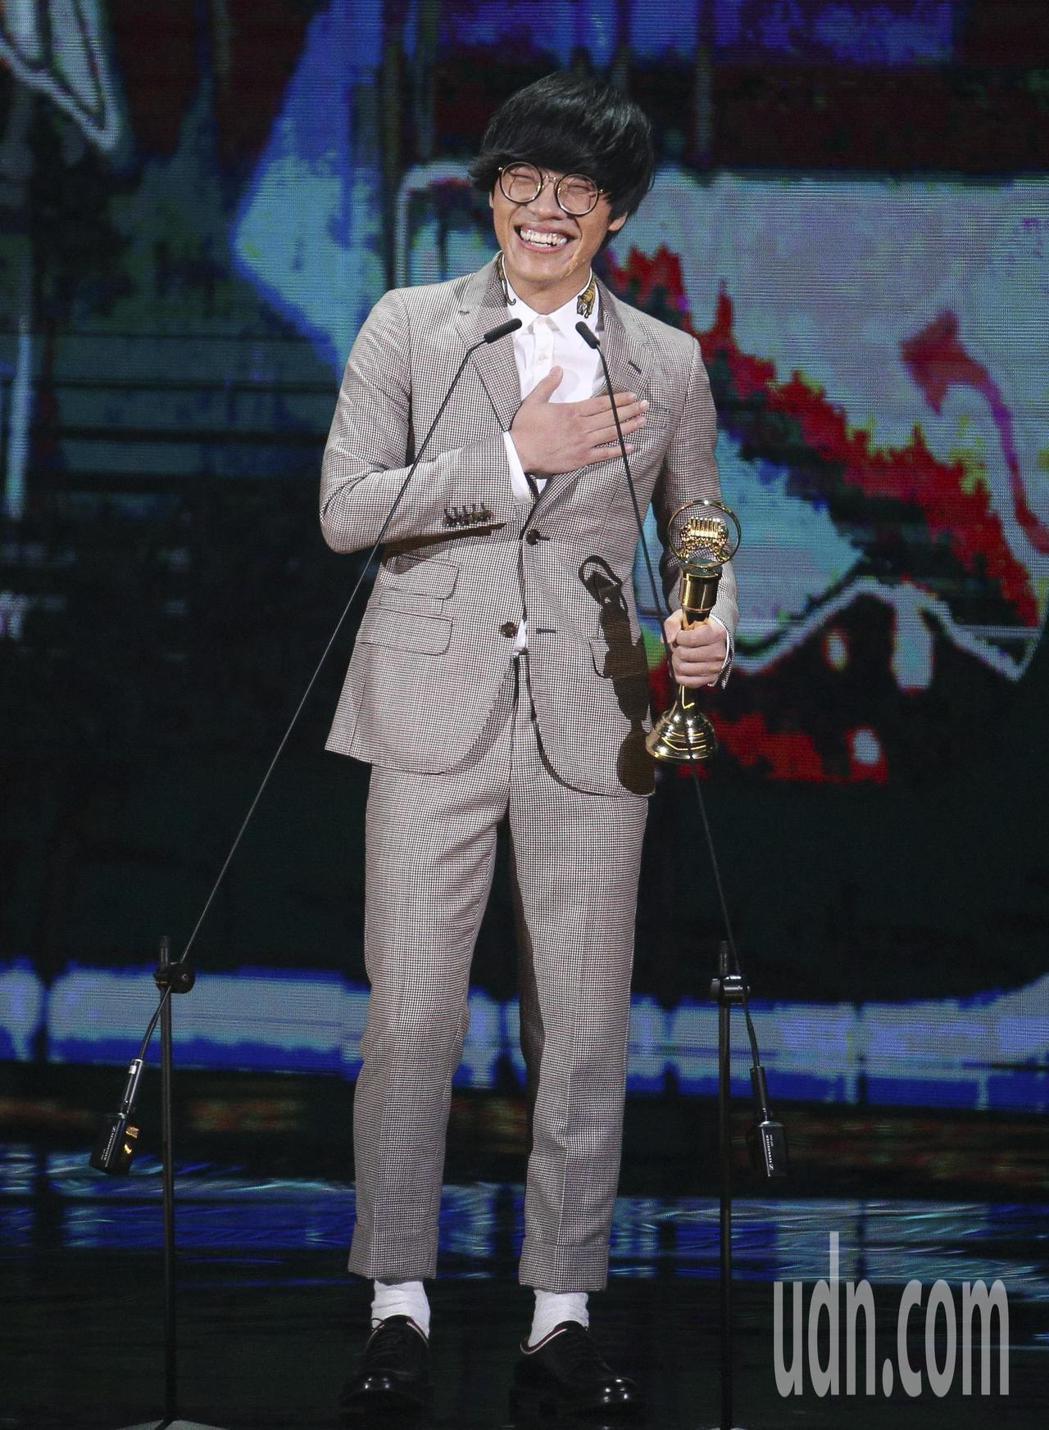 盧廣仲的『魚仔』獲得年度歌曲獎。記者林伯東/攝影